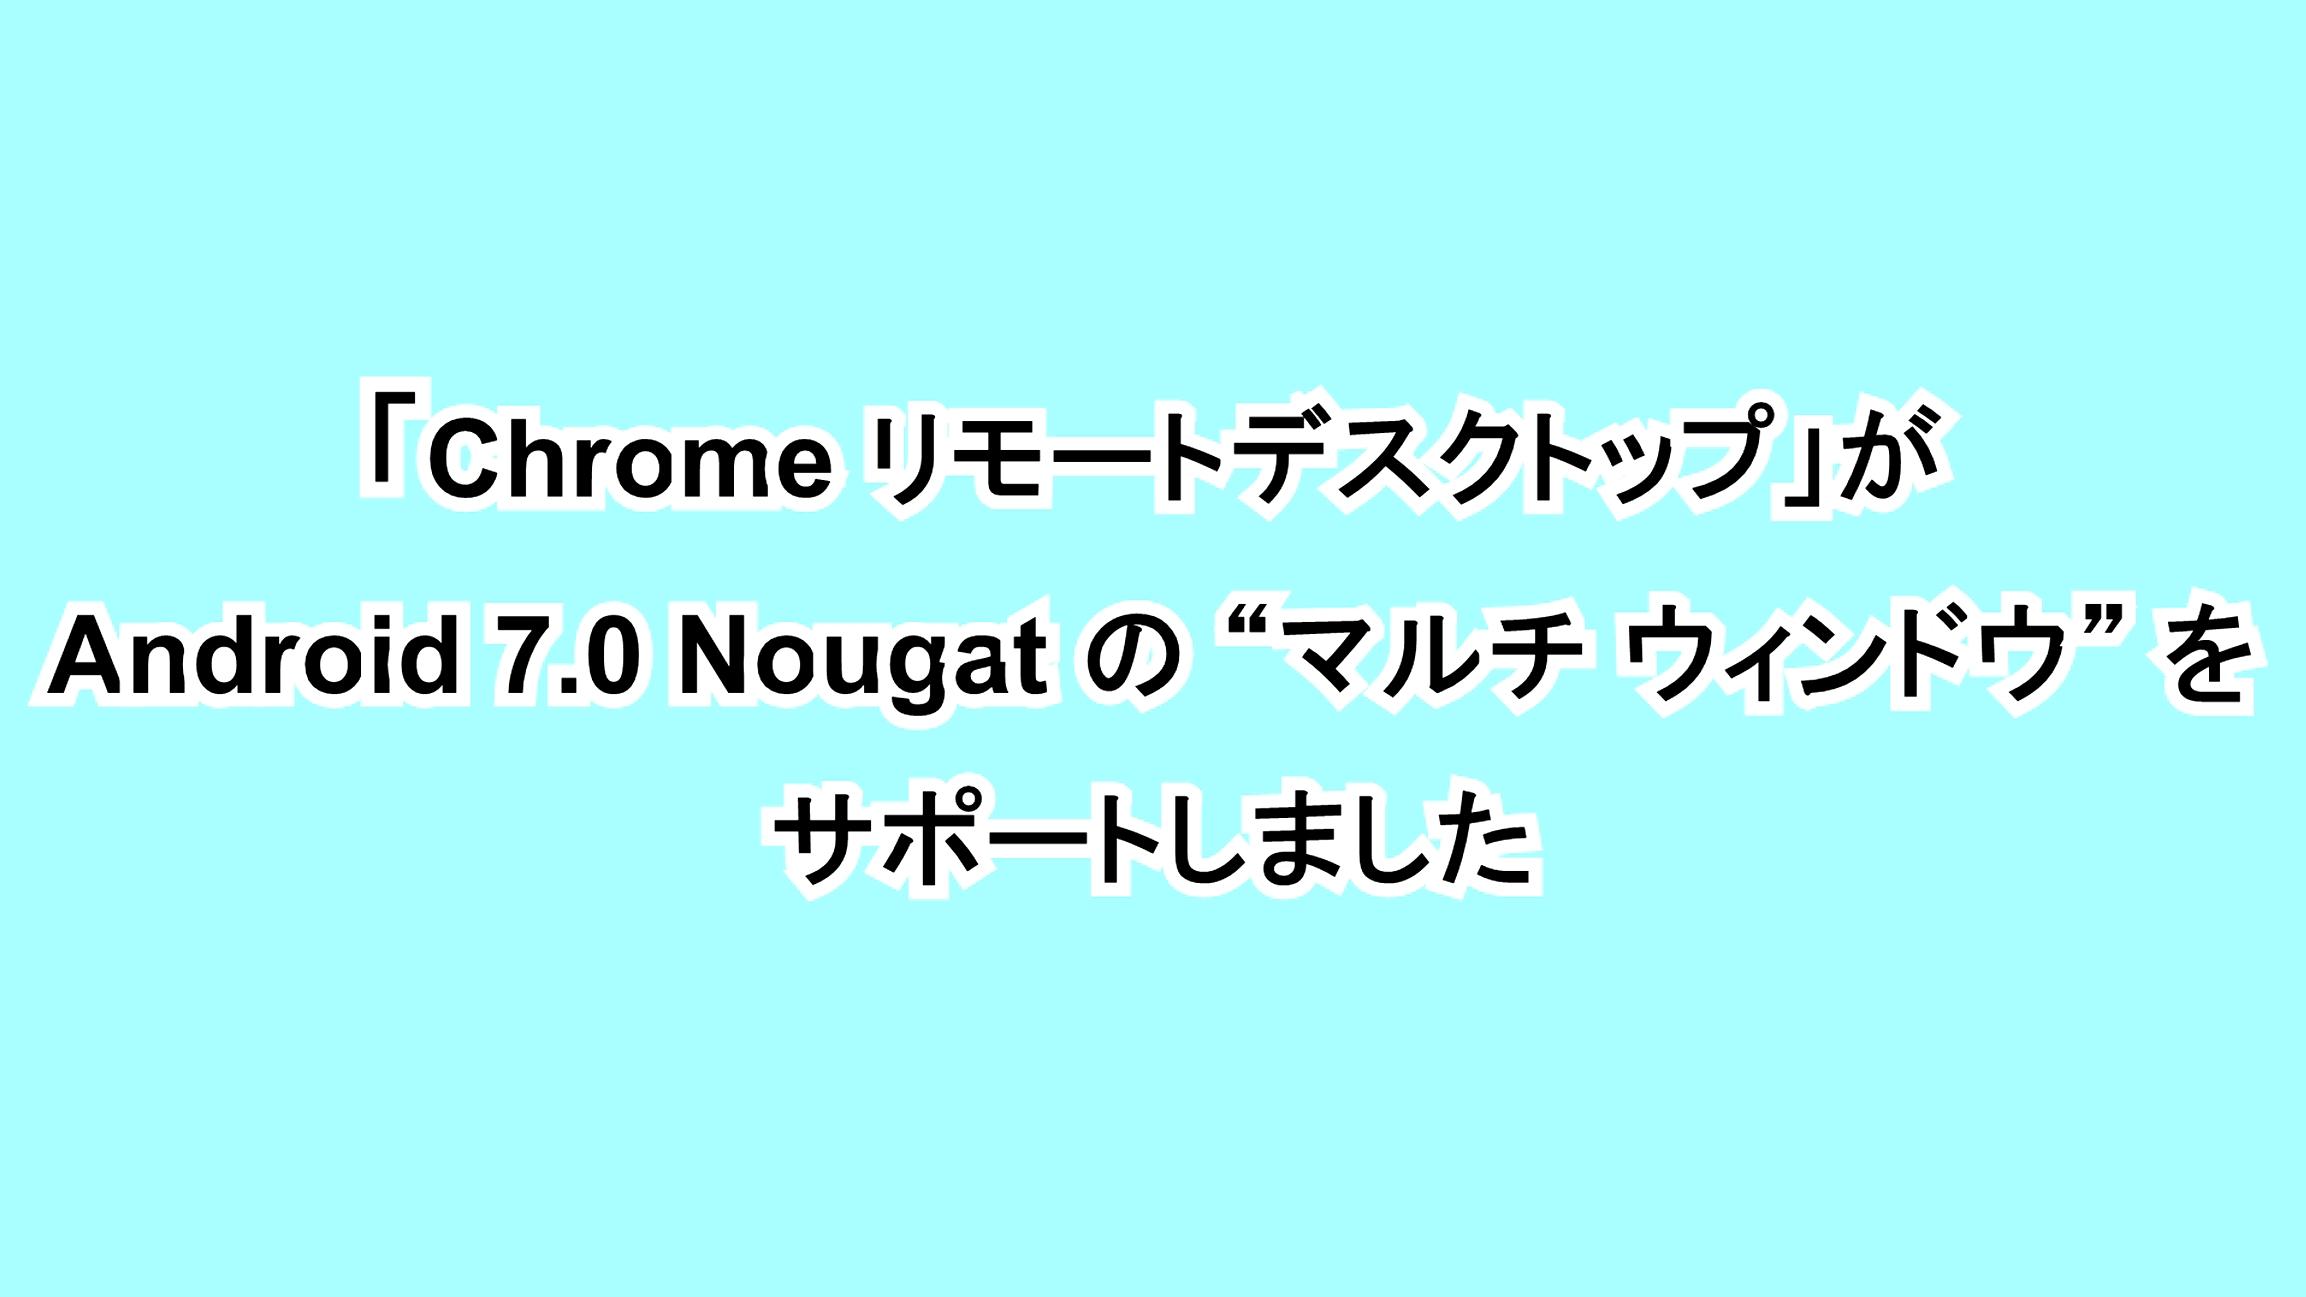 """「Chrome リモートデスクトップ」がAndroid 7.0 Nougatの""""マルチ ウィンドウ""""をサポートしました"""